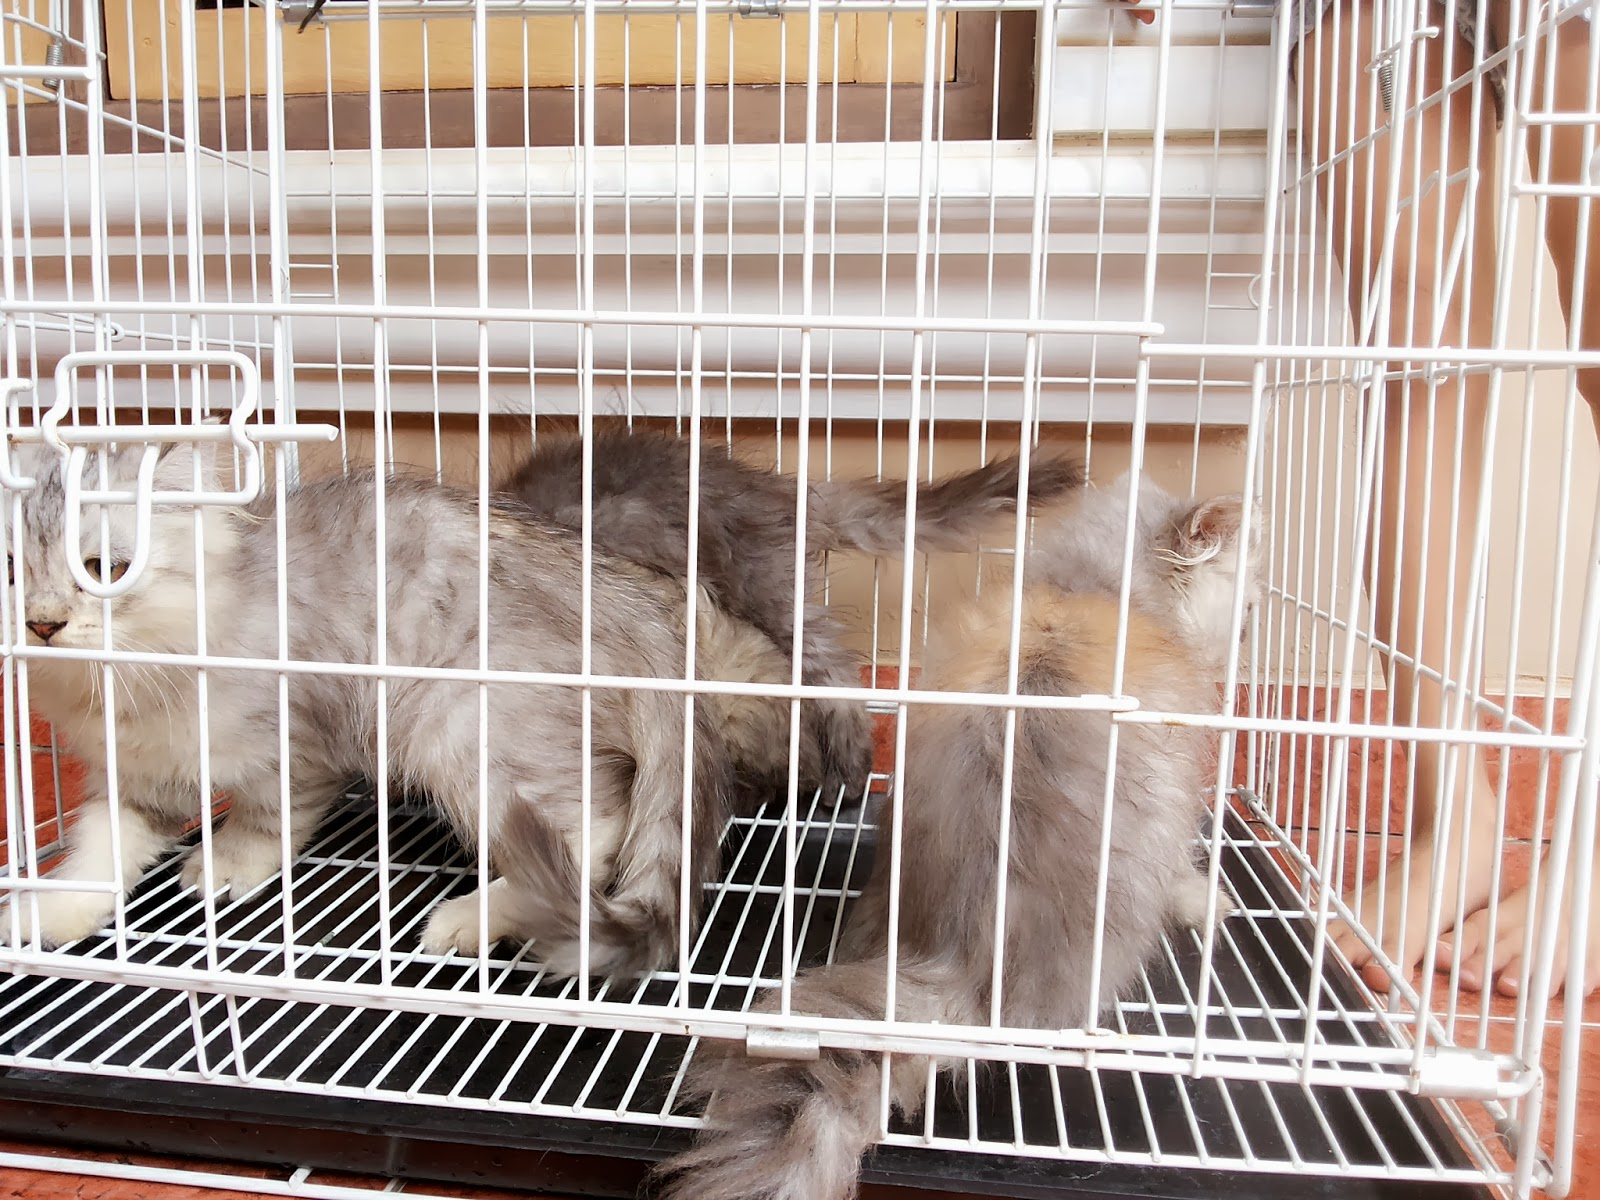 Jual Kucing Persia Jual Peralatan Perlengkapan Dan